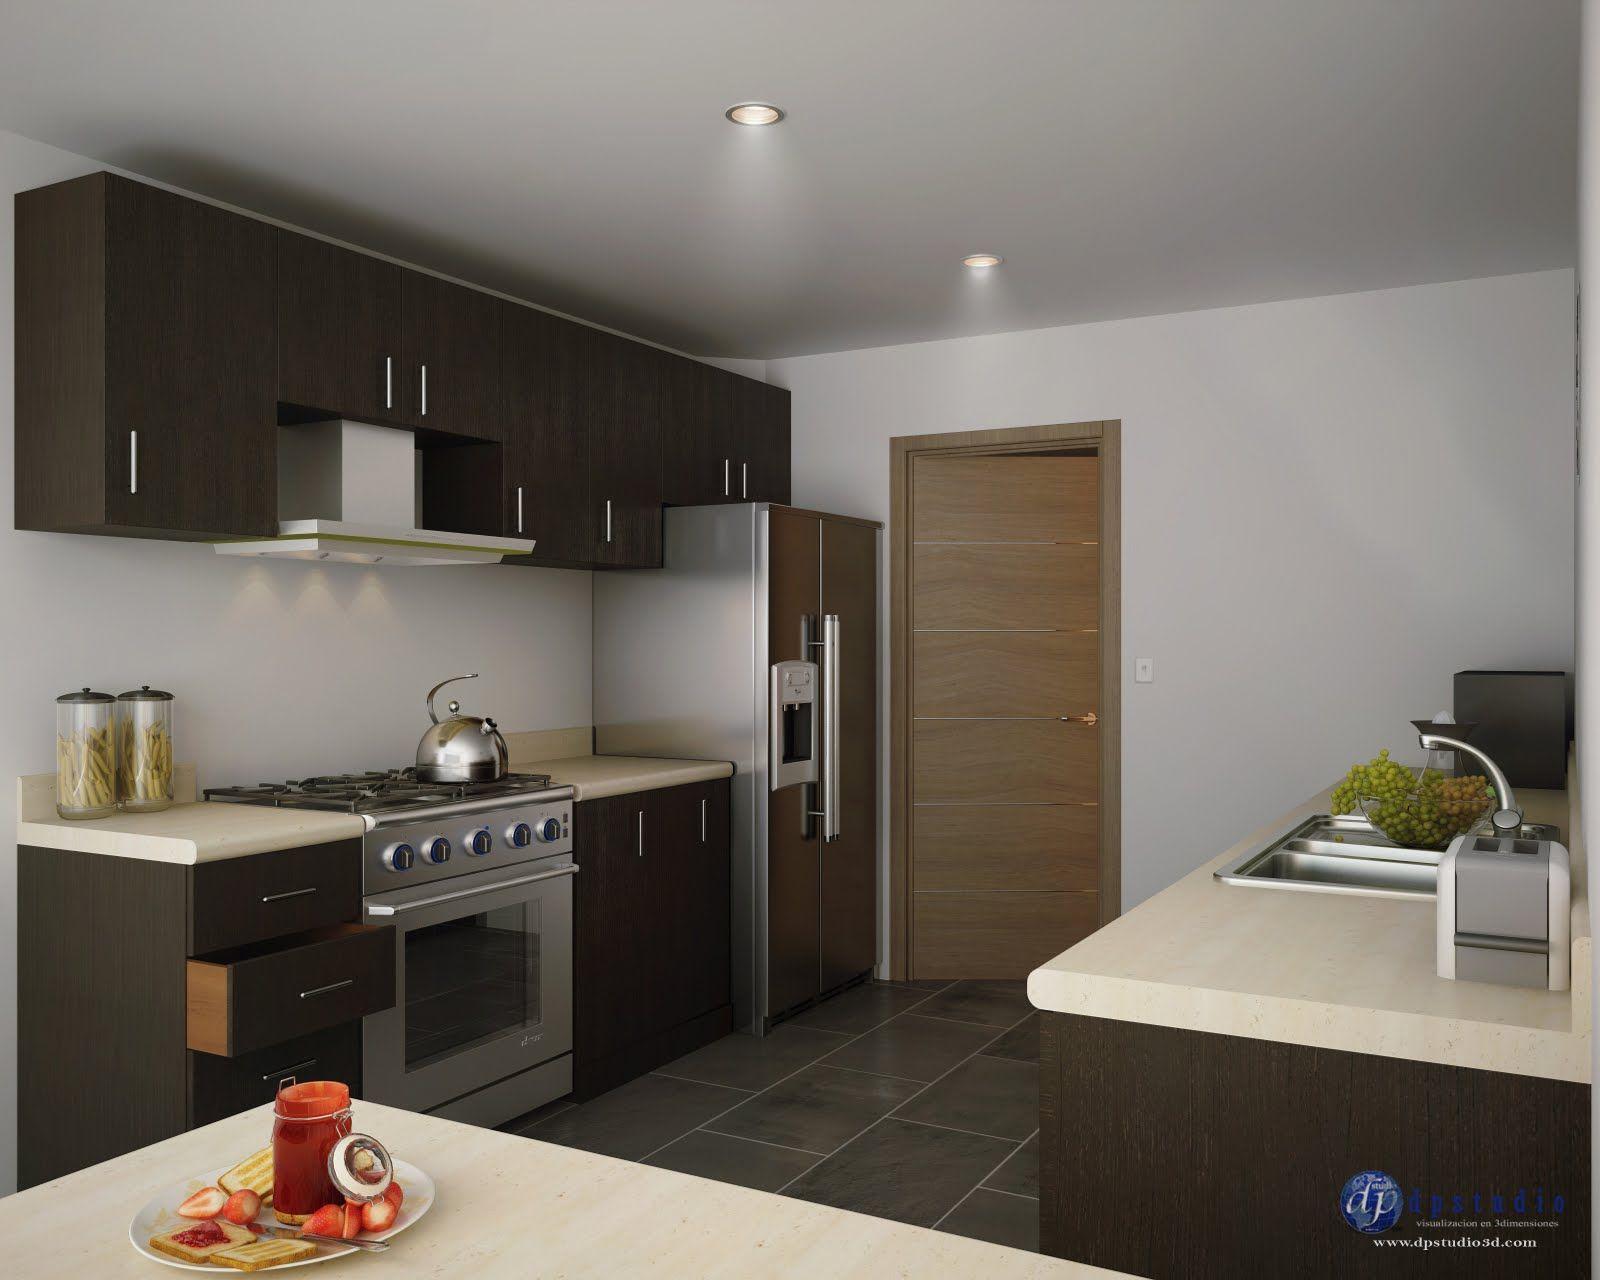 Vista interior cocina casa modelos renders interiores for Interiores de cocinas